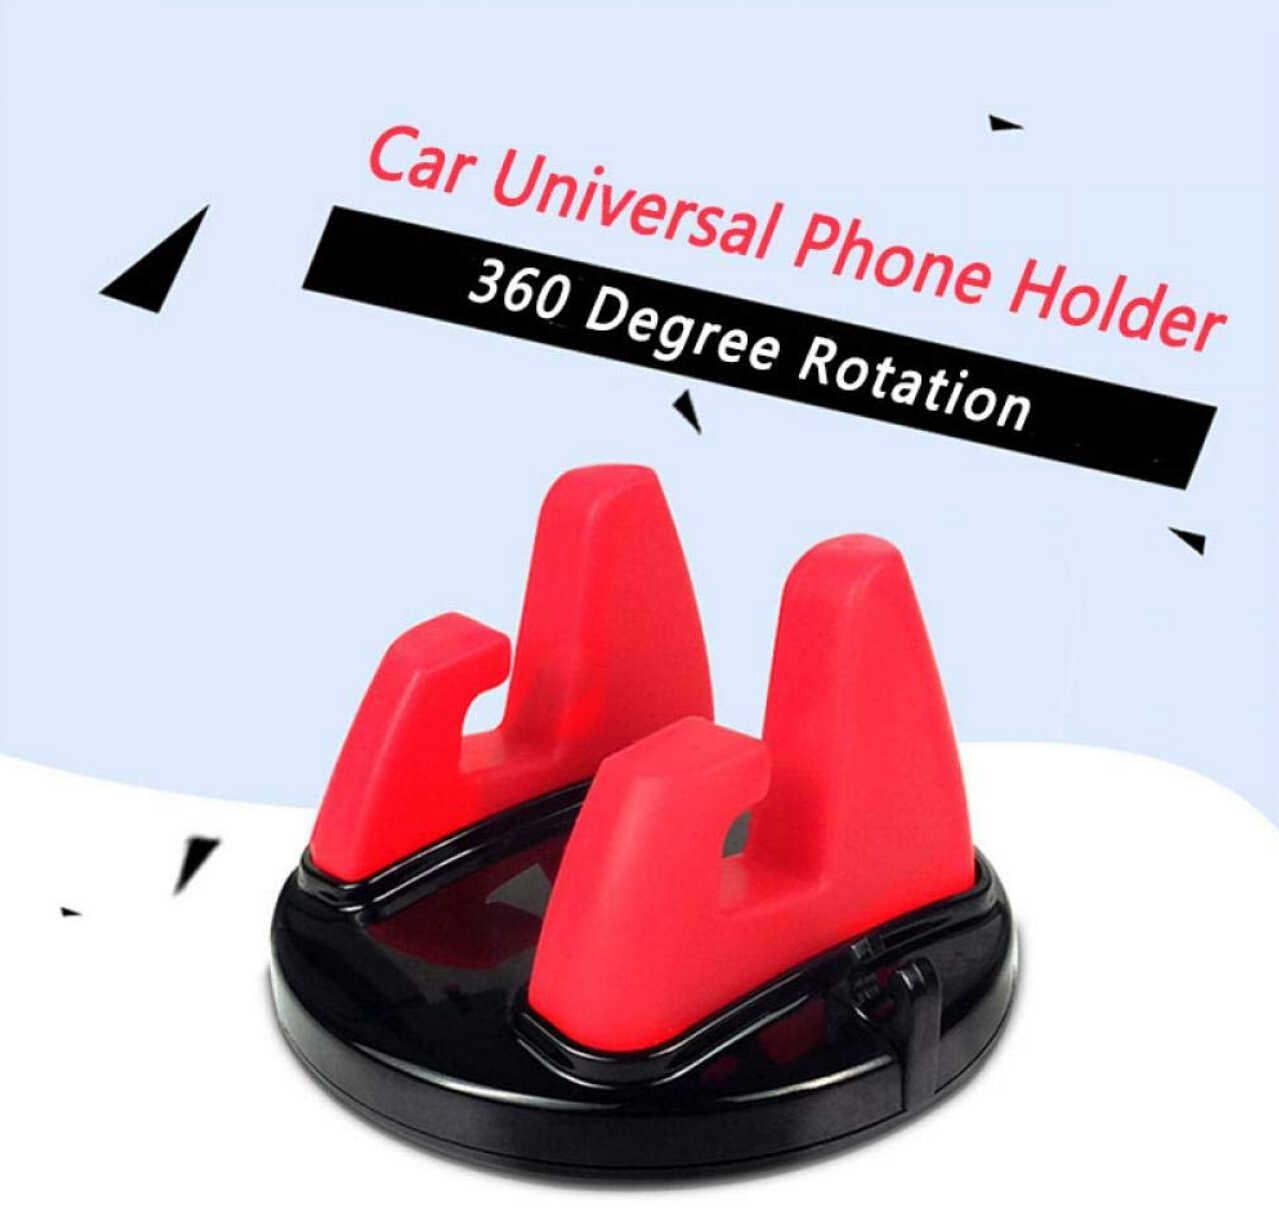 Автомобильный орнамент универсальный держатель телефона для hyundai golf mk5 gti audi a4 2009 corolla 2011 bmw e36 h7 mini cooper